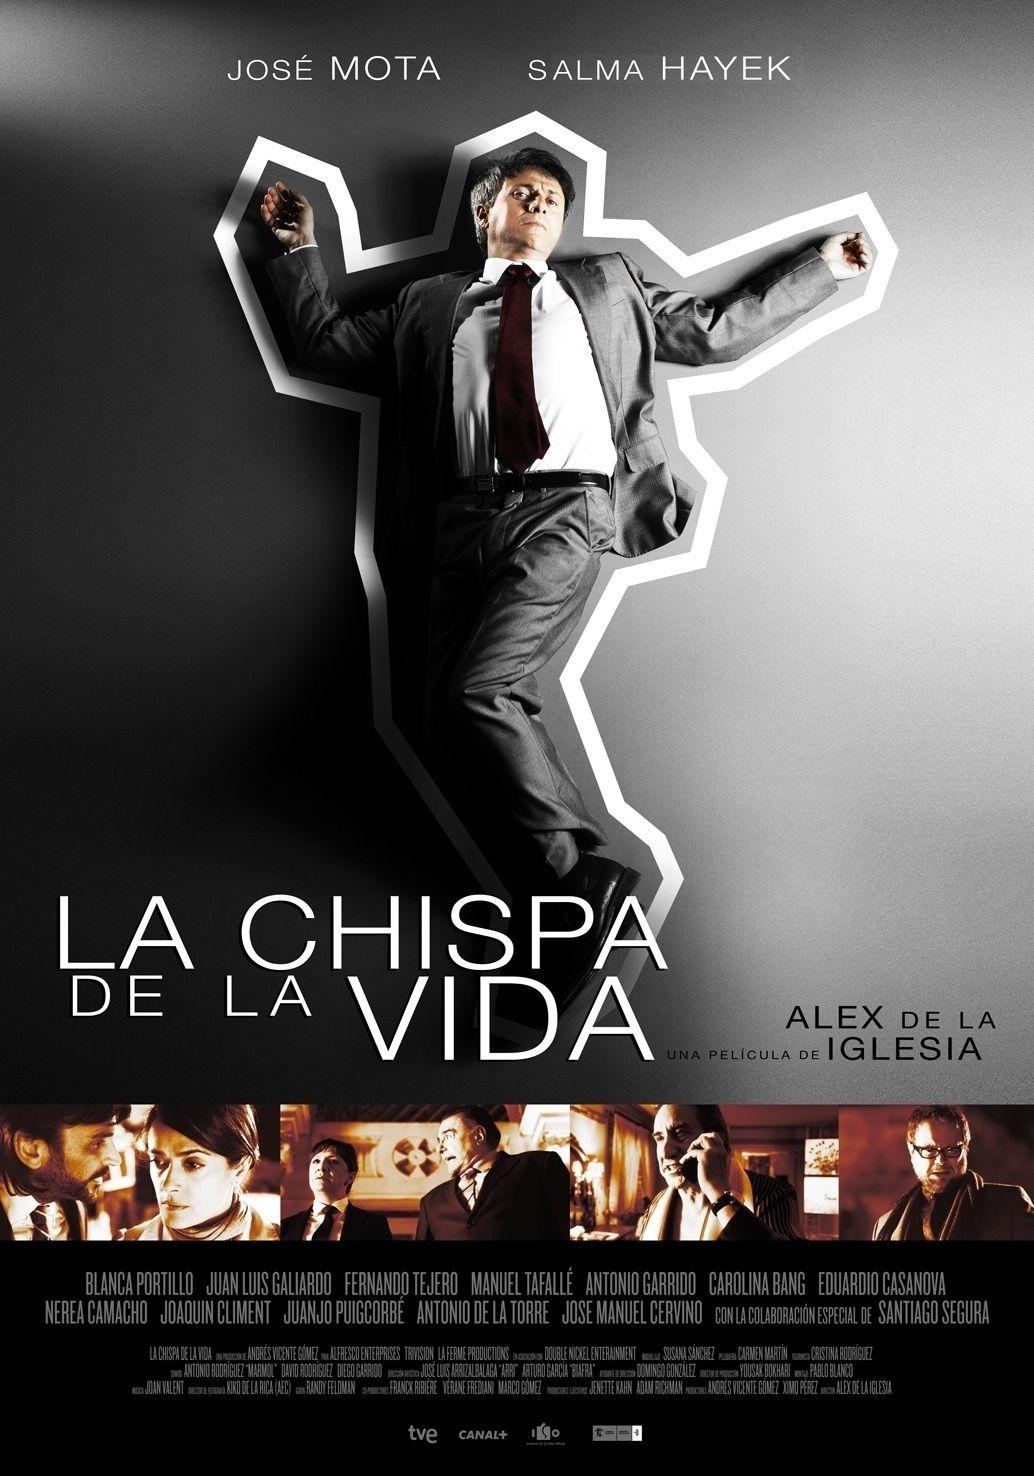 LOS MEJORES DVDRIP DE MORON: LA CHISPA DE LA VIDA